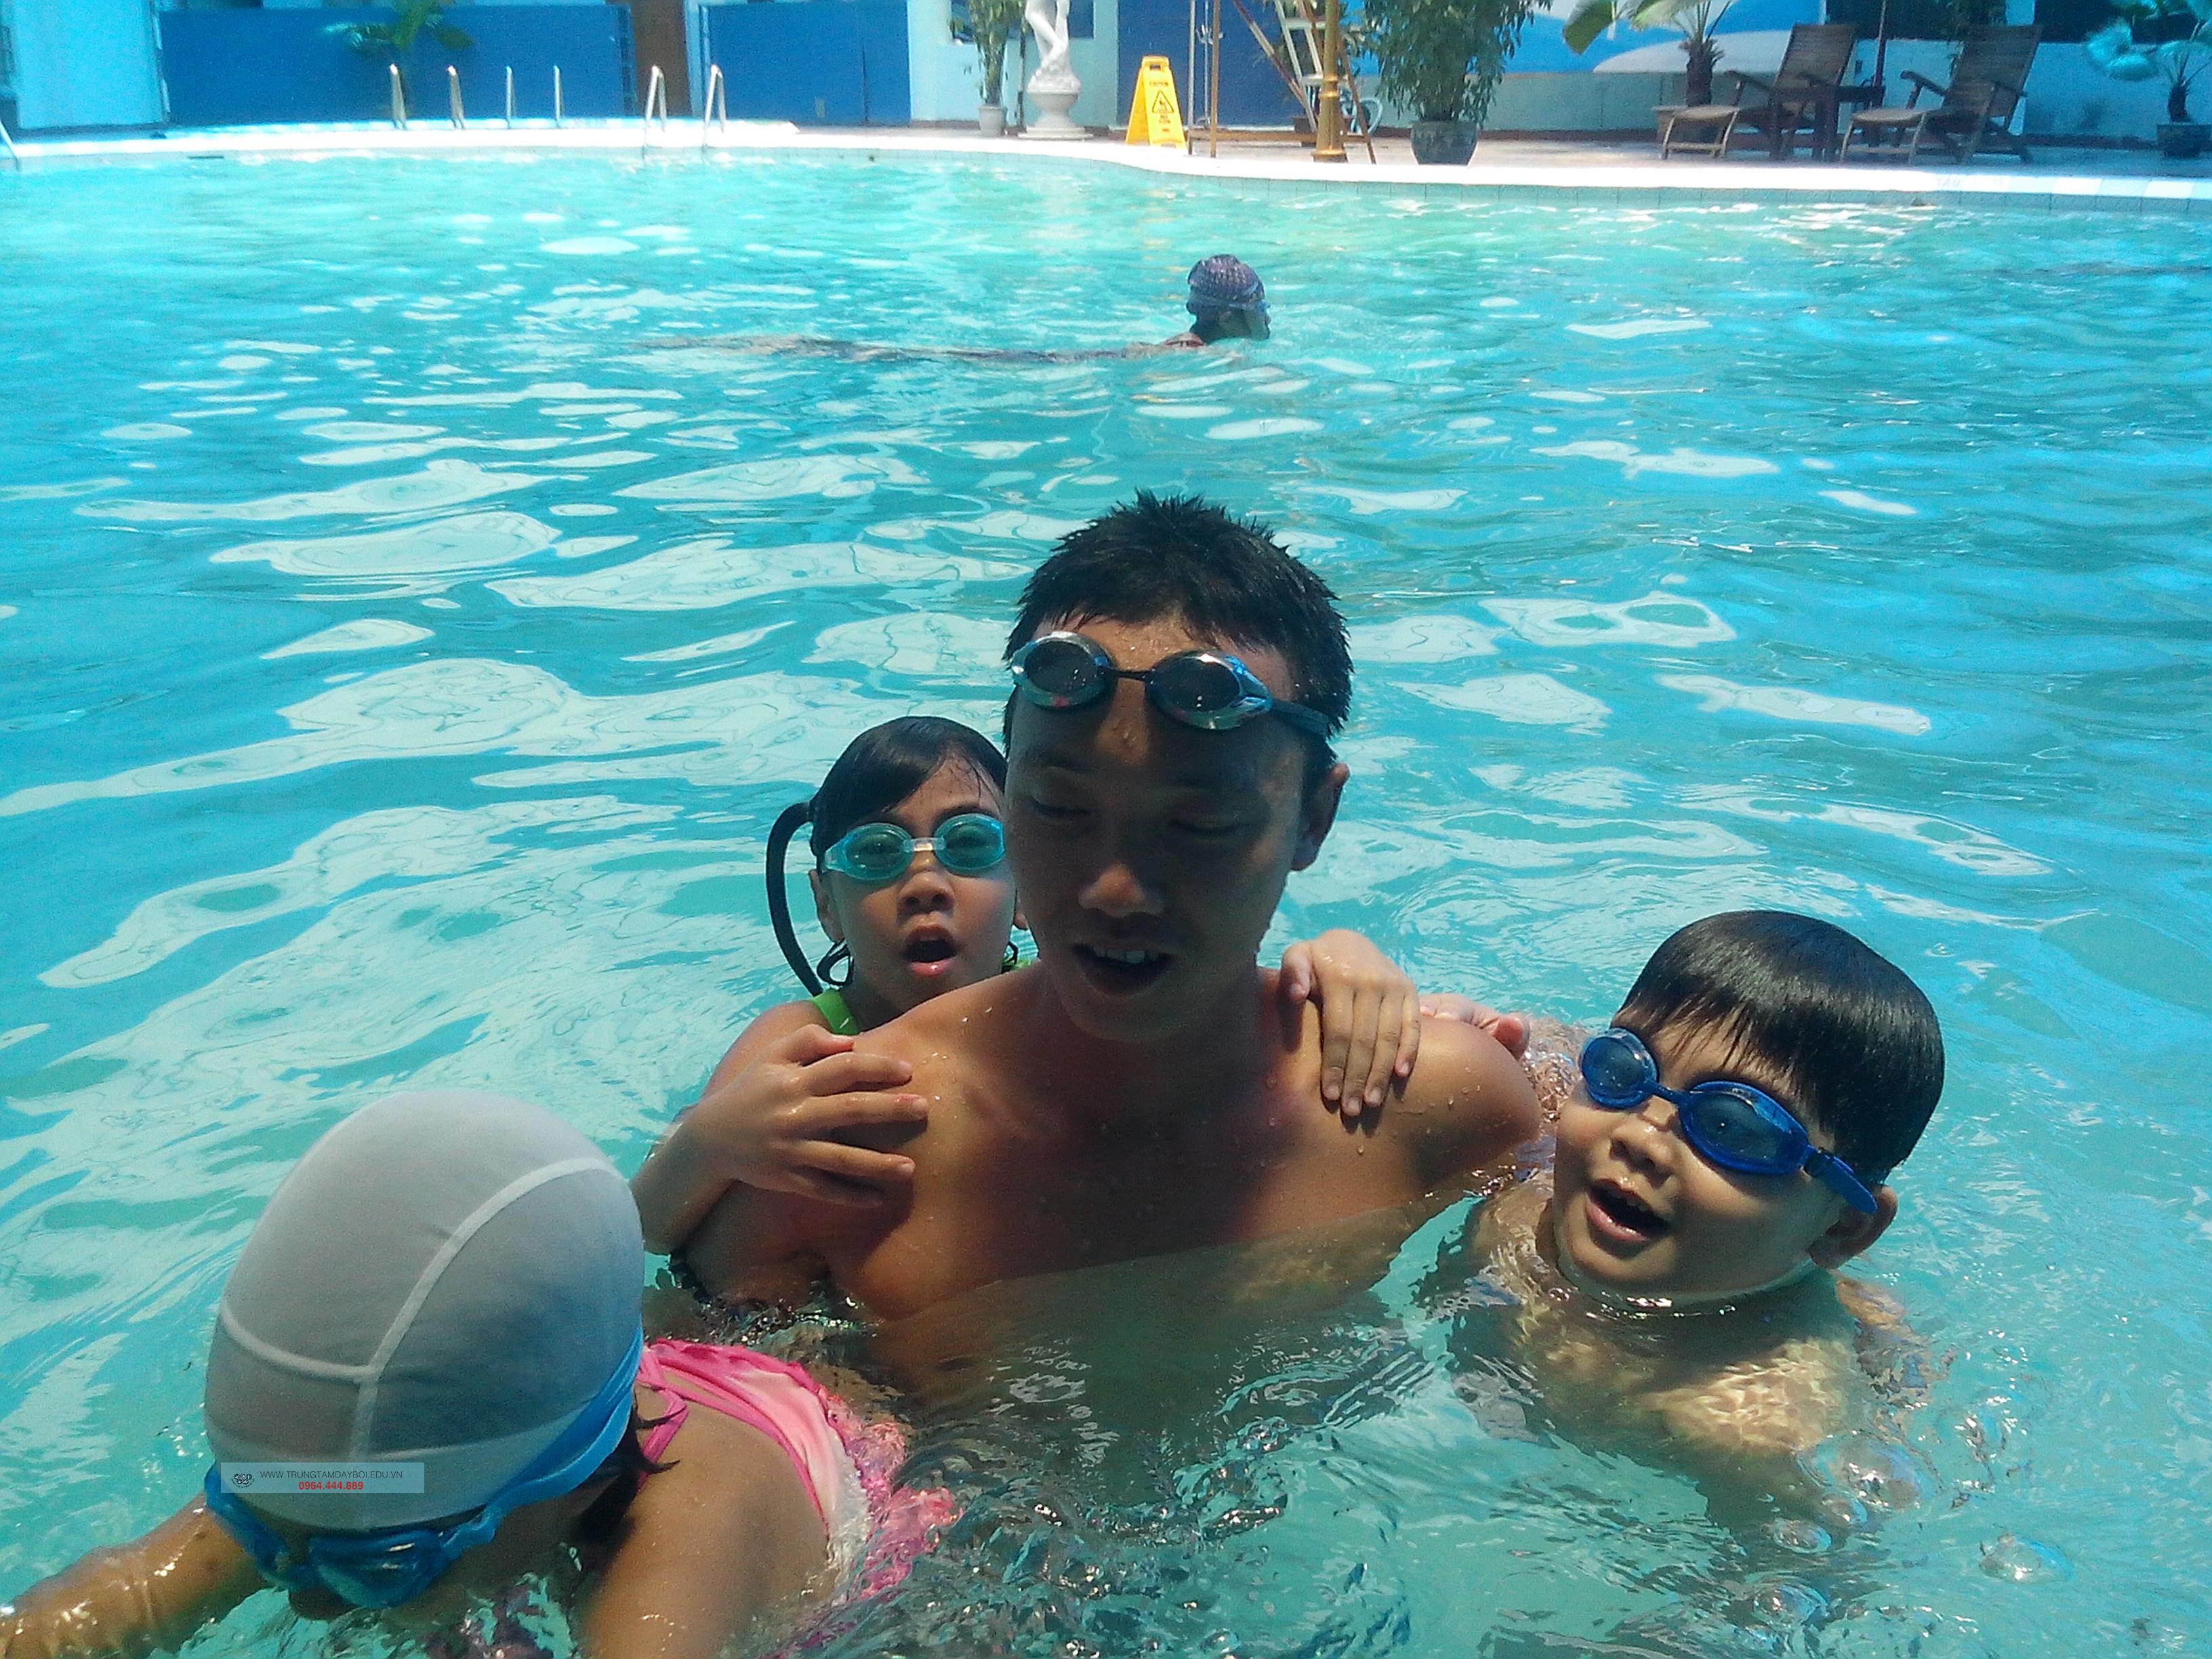 Bơi lội phát triển trí tuệ của trẻ nhỏ  Bơi lội phát triển trí tuệ của trẻ nhỏ